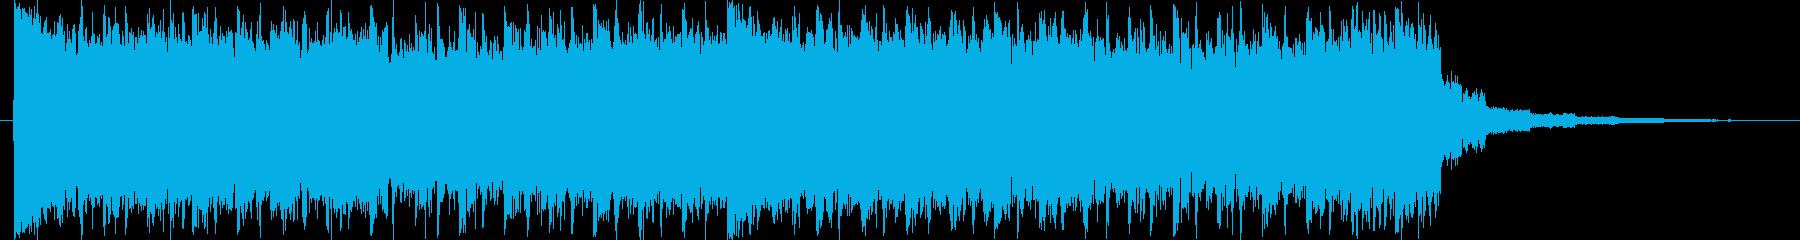 パワフル、アップテンポ、未来的サウンドの再生済みの波形